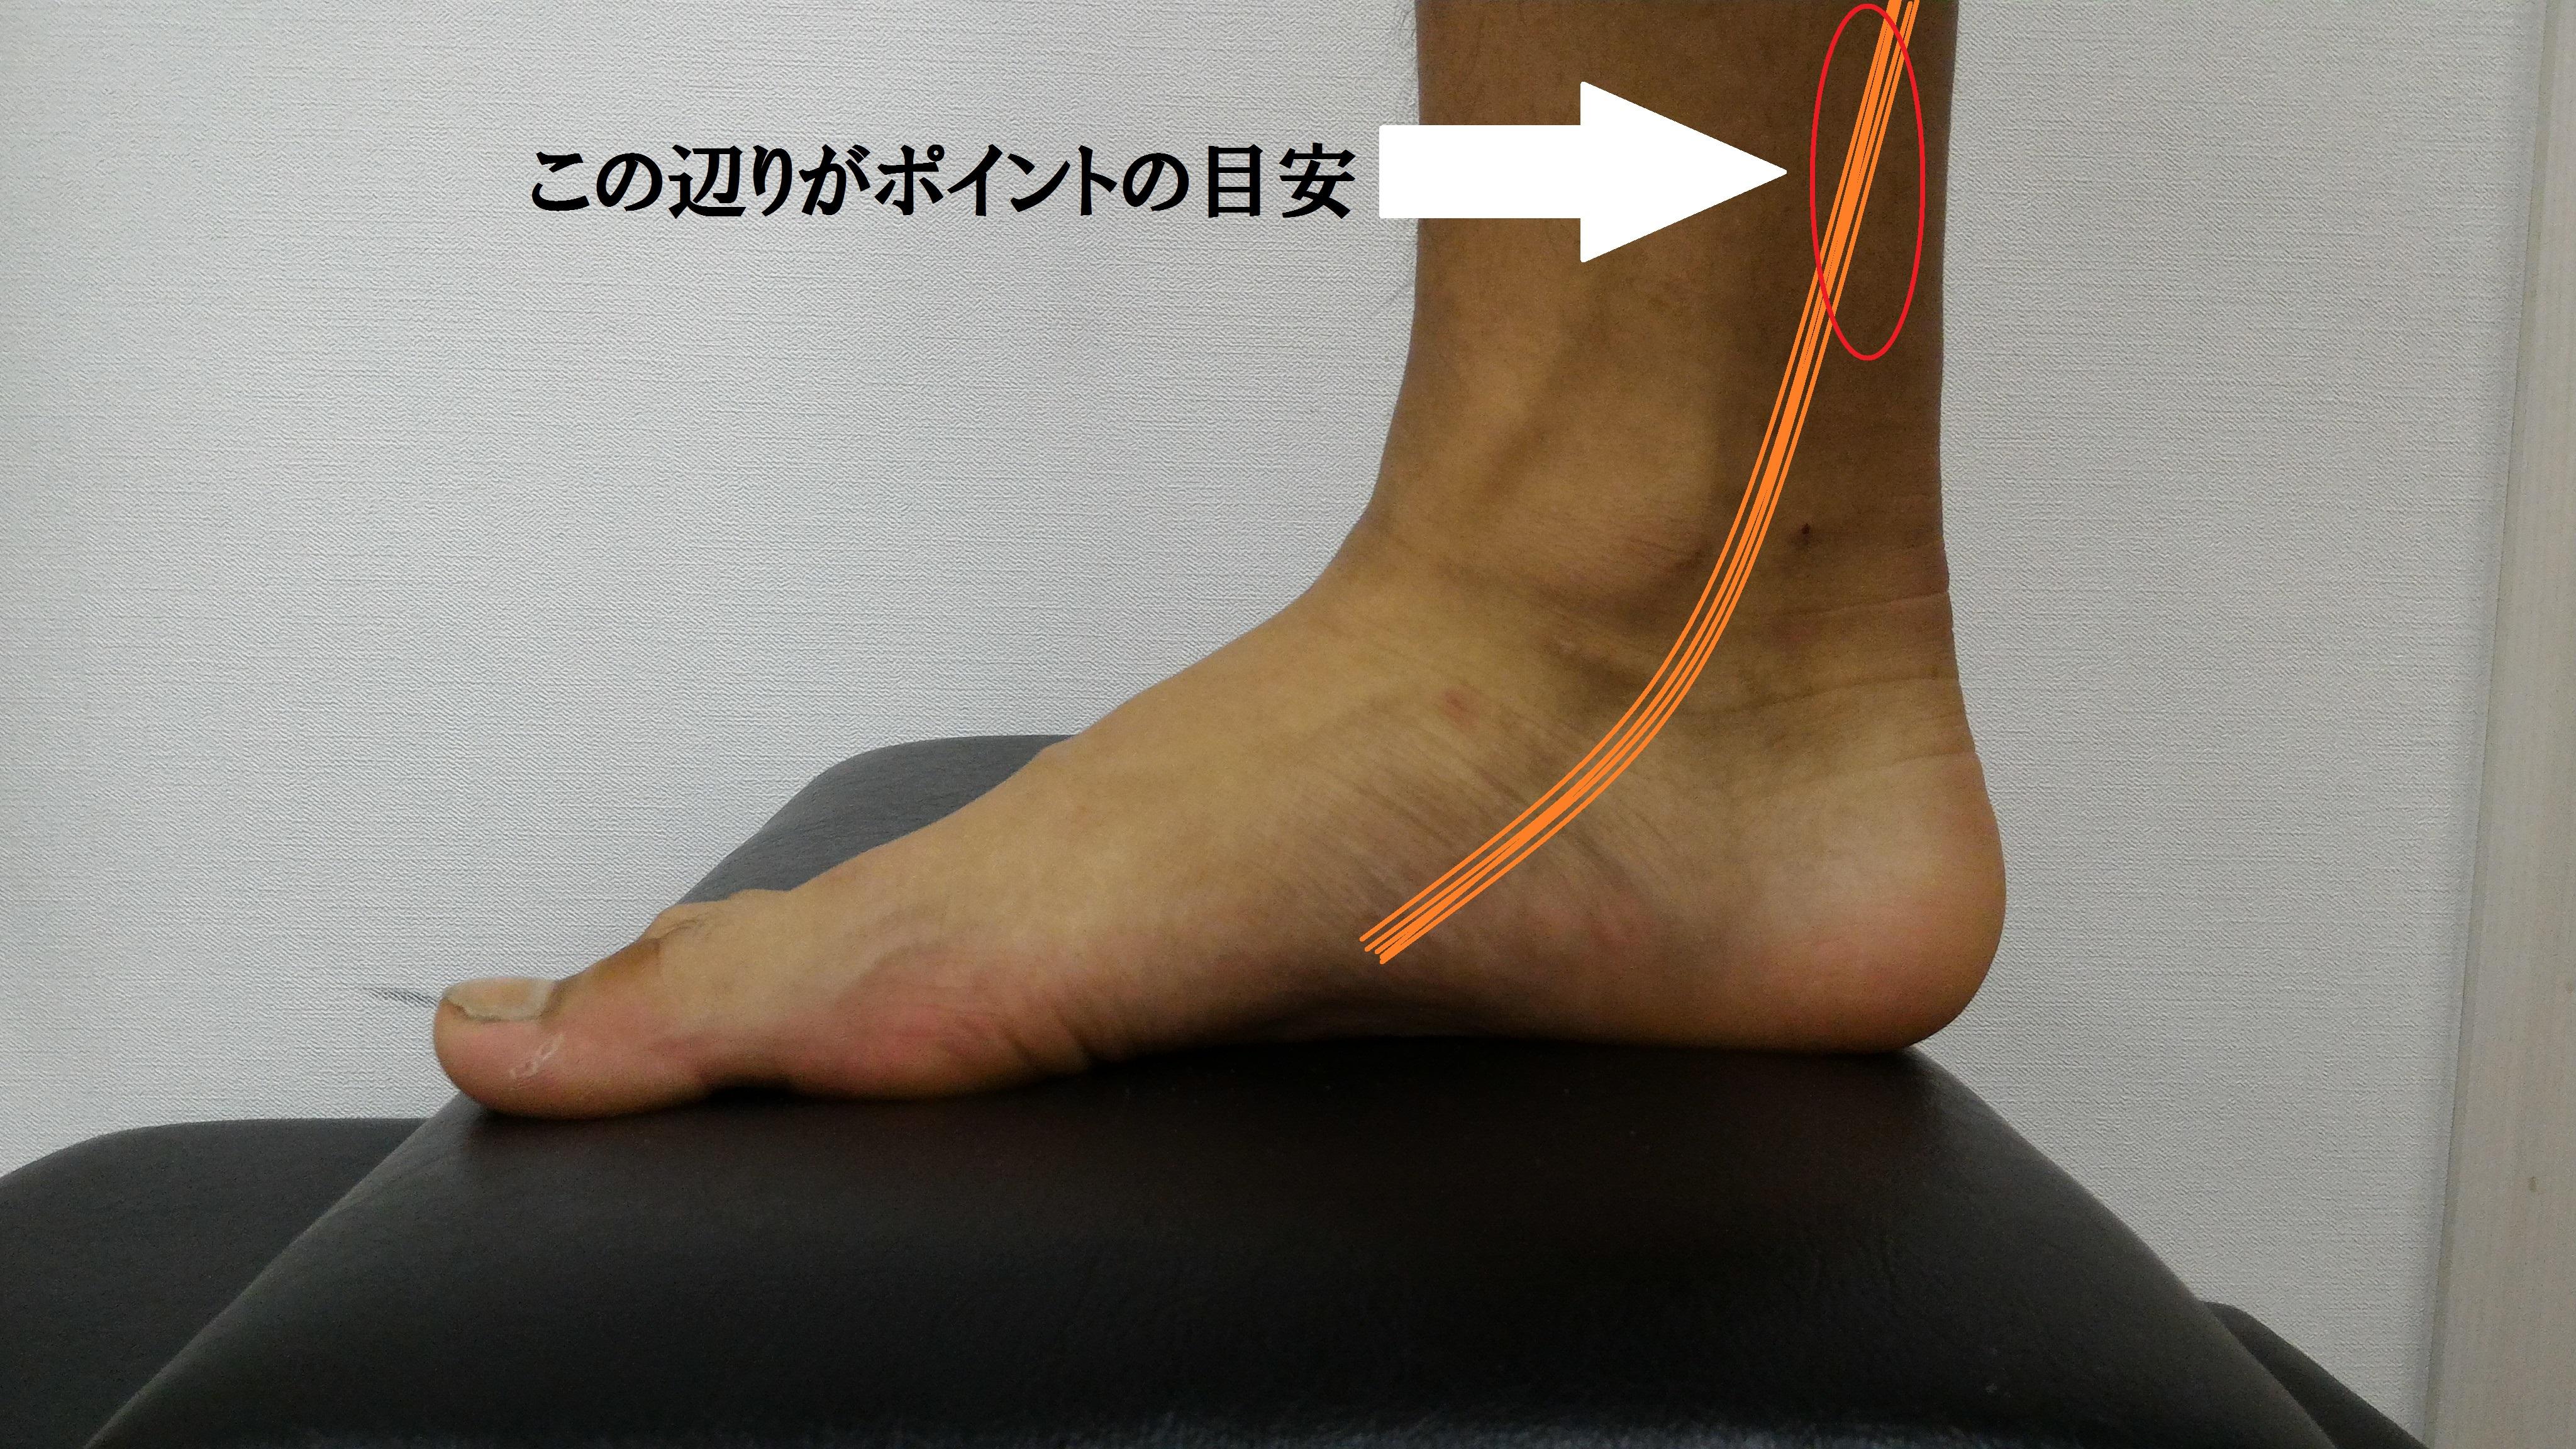 後脛骨筋のポイント